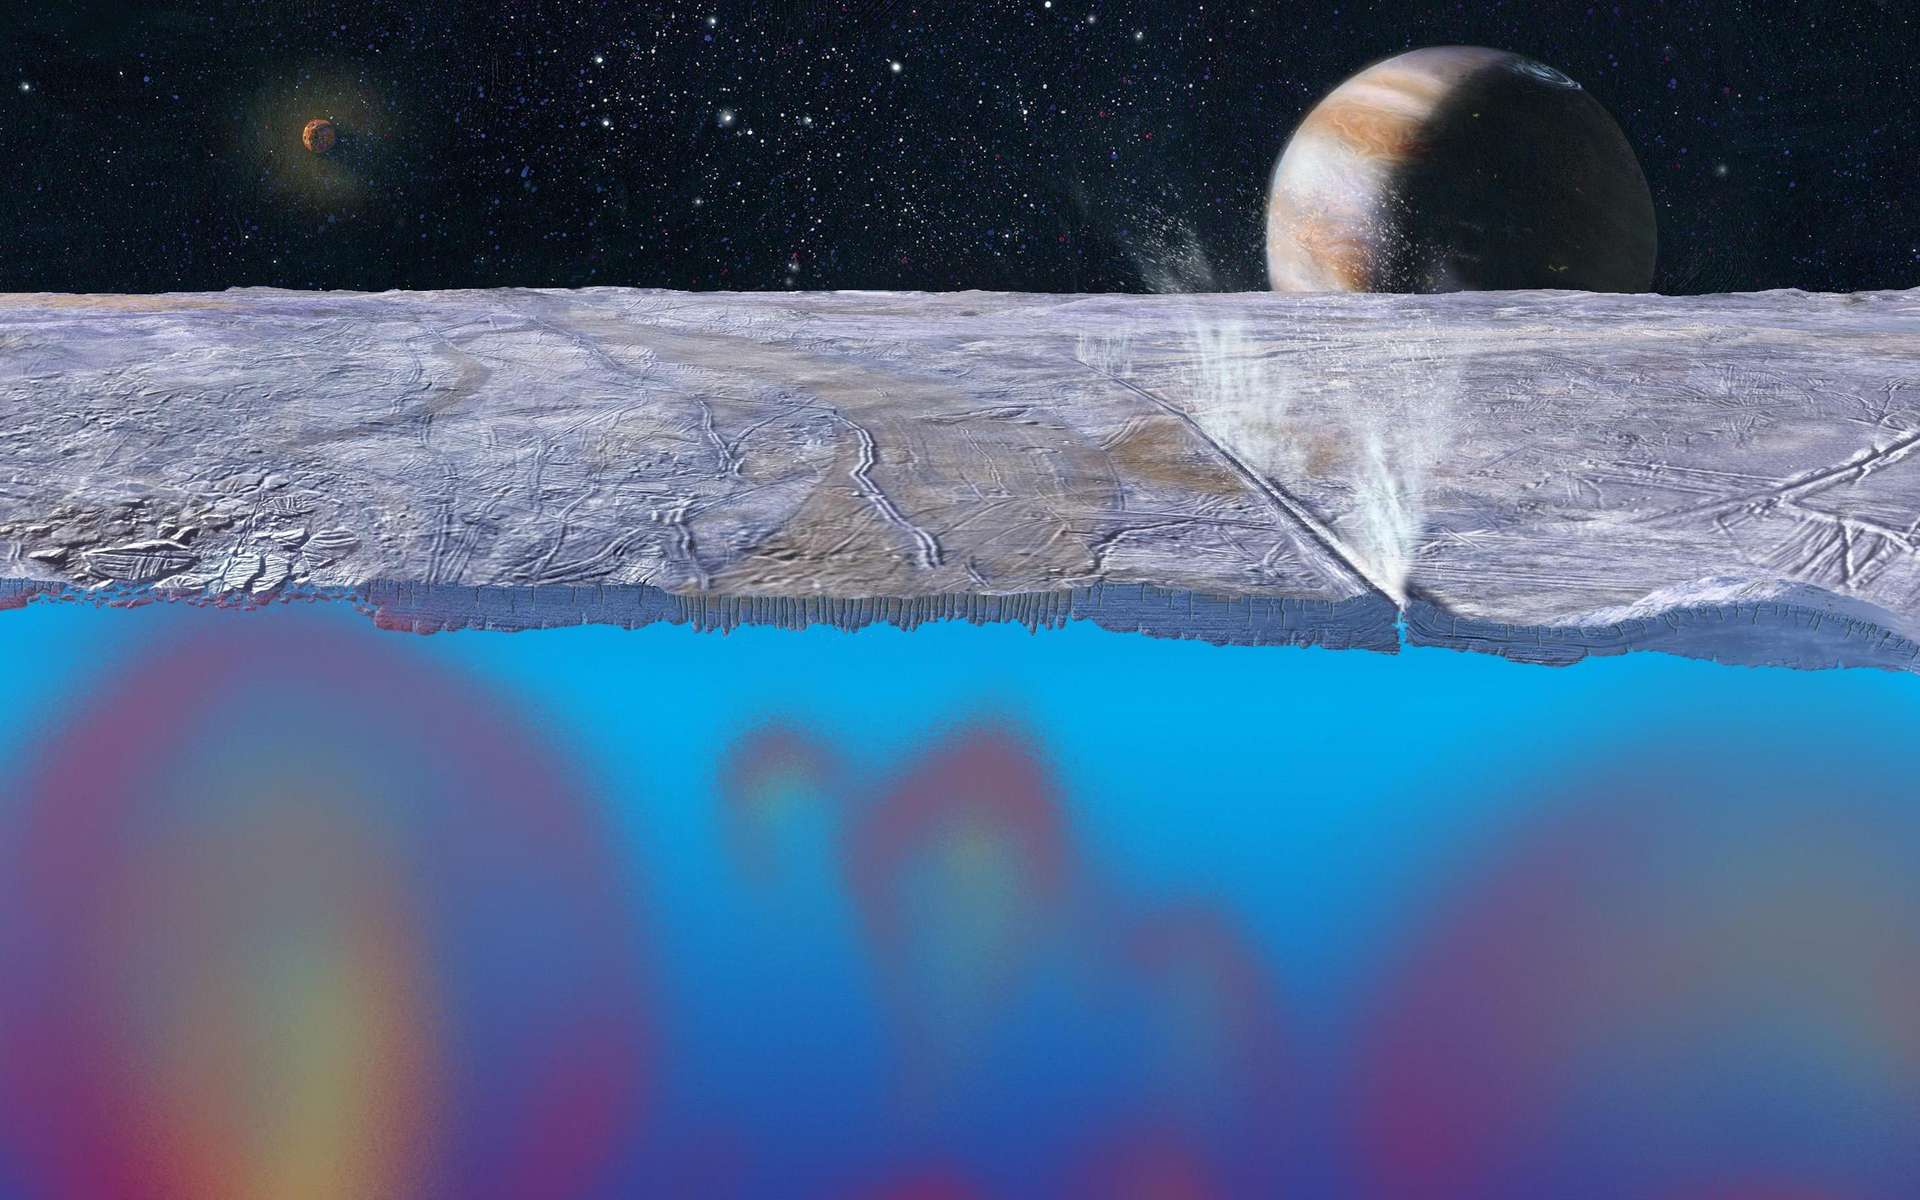 Sous la surface gelée d'Europe, un océan susceptible d'accueillir la vie. © JPL, Michael Carroll, Nasa